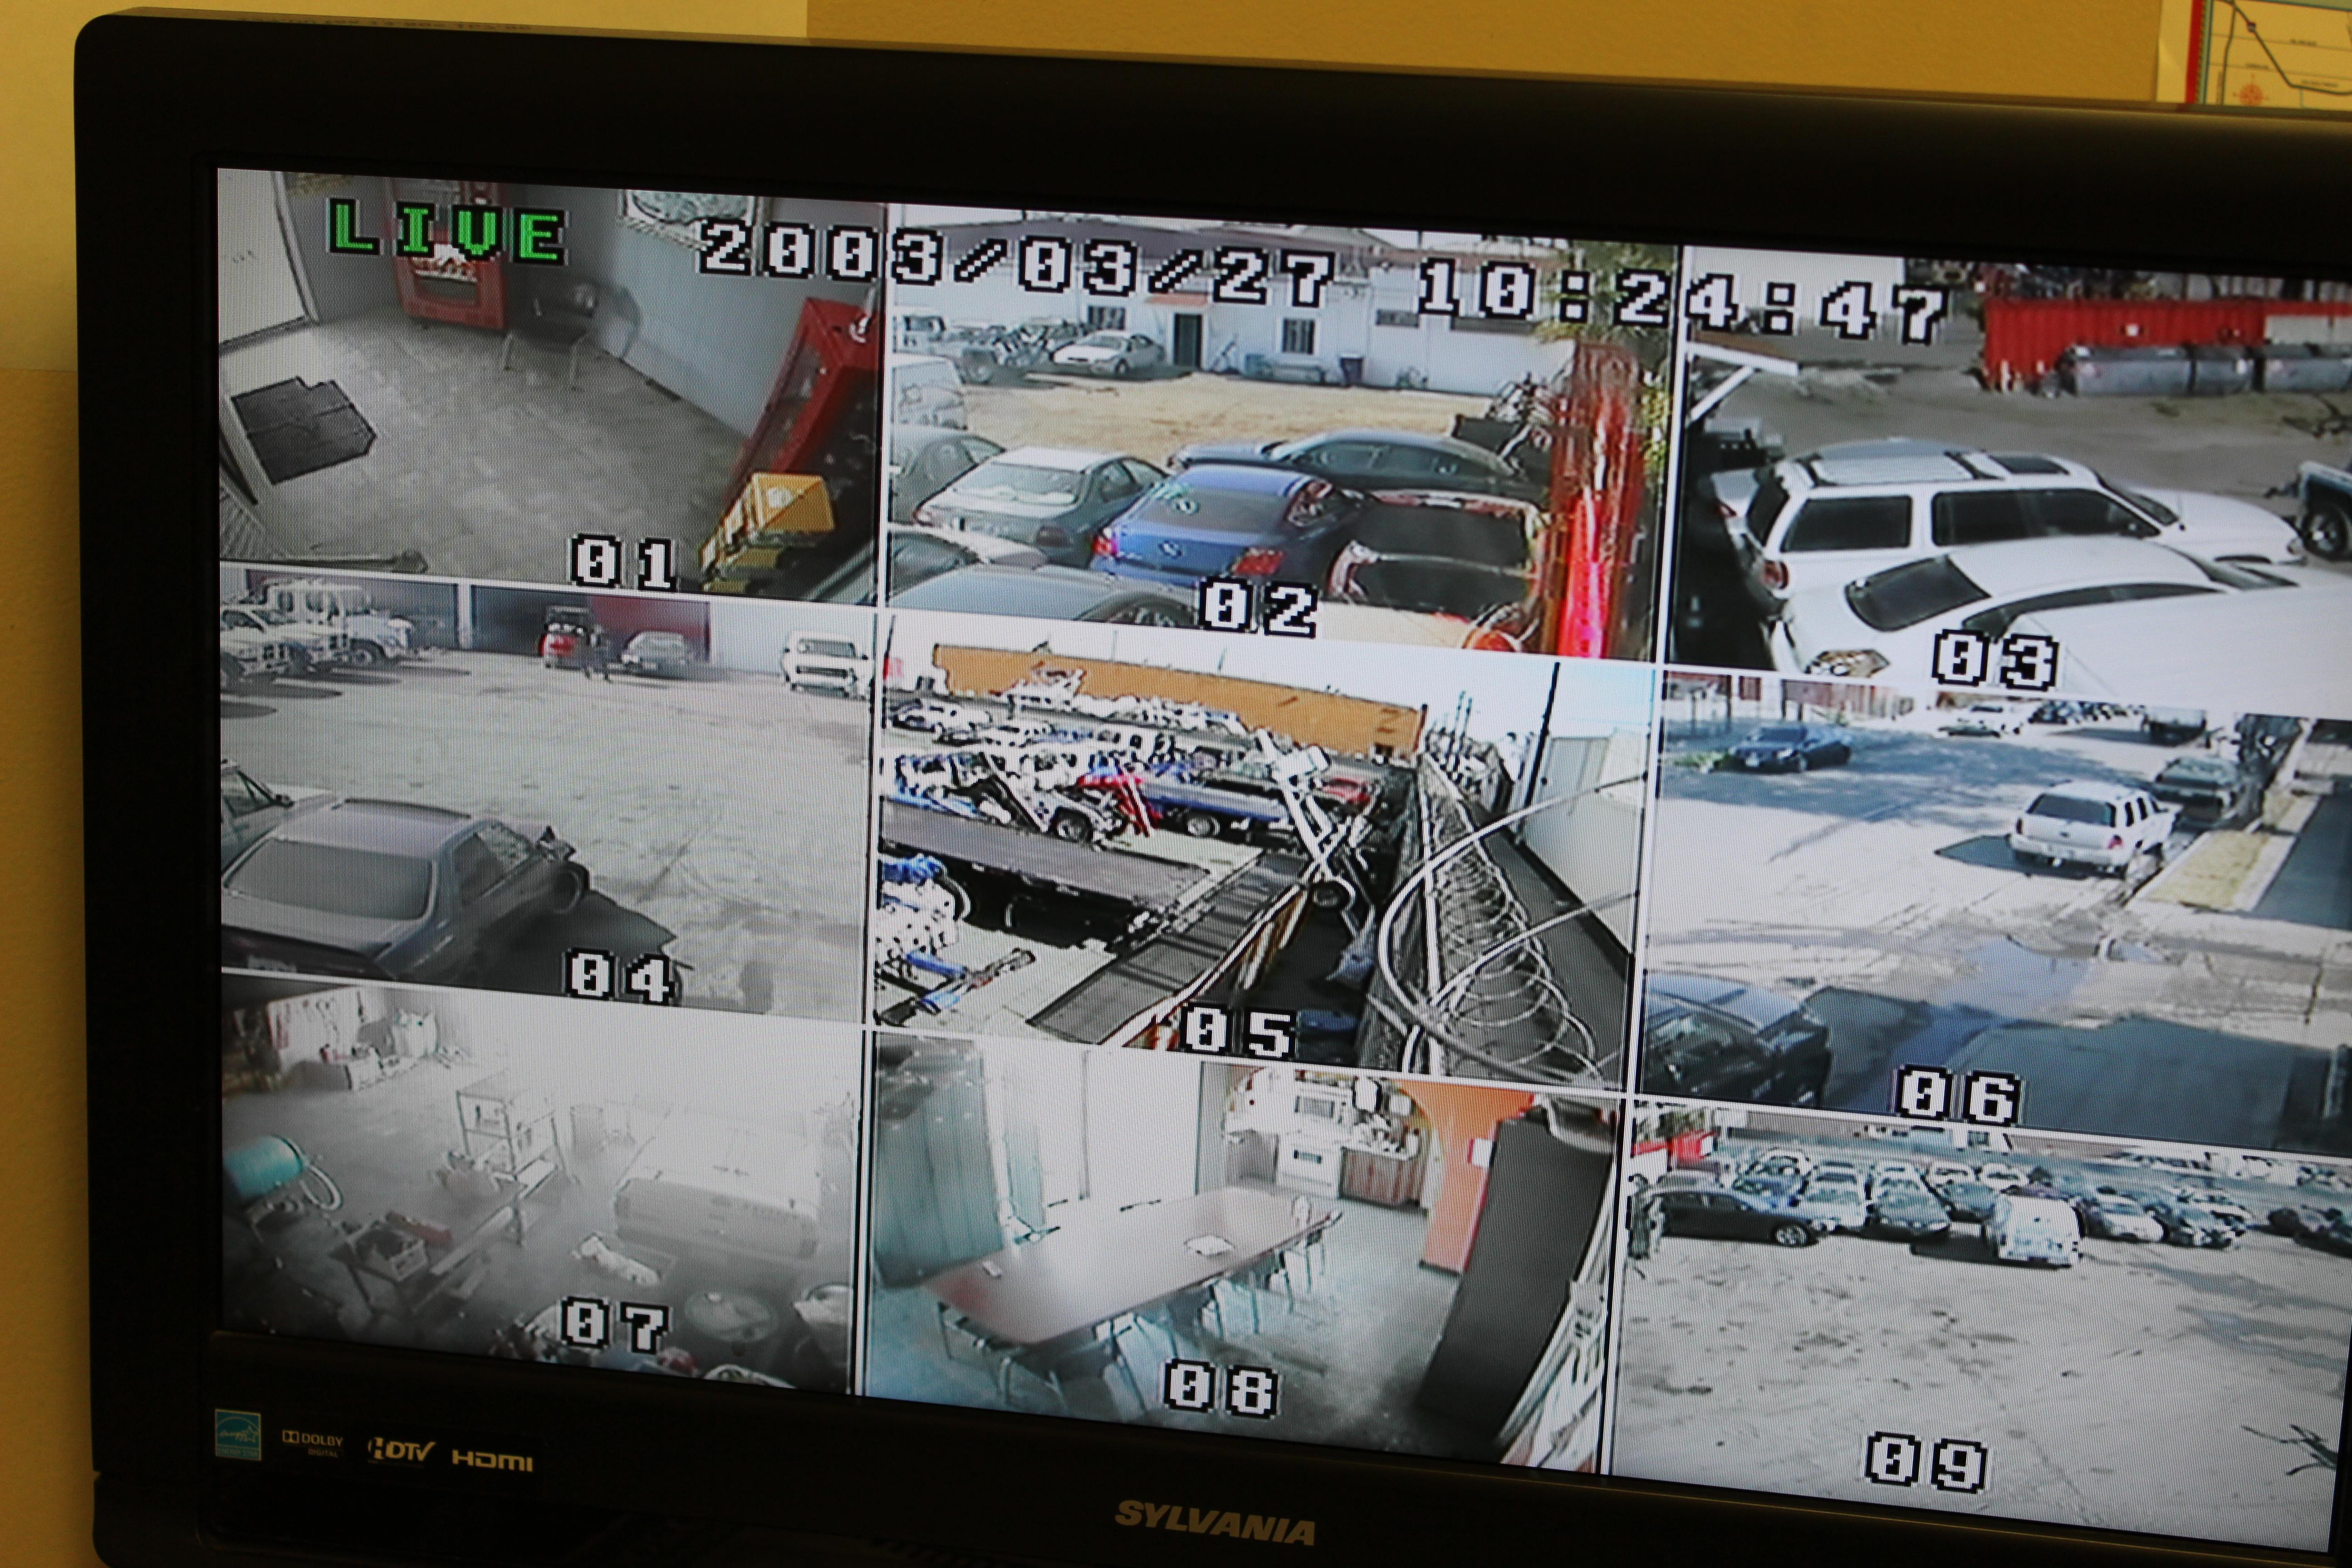 Security Cameras Company Long Beach Ca